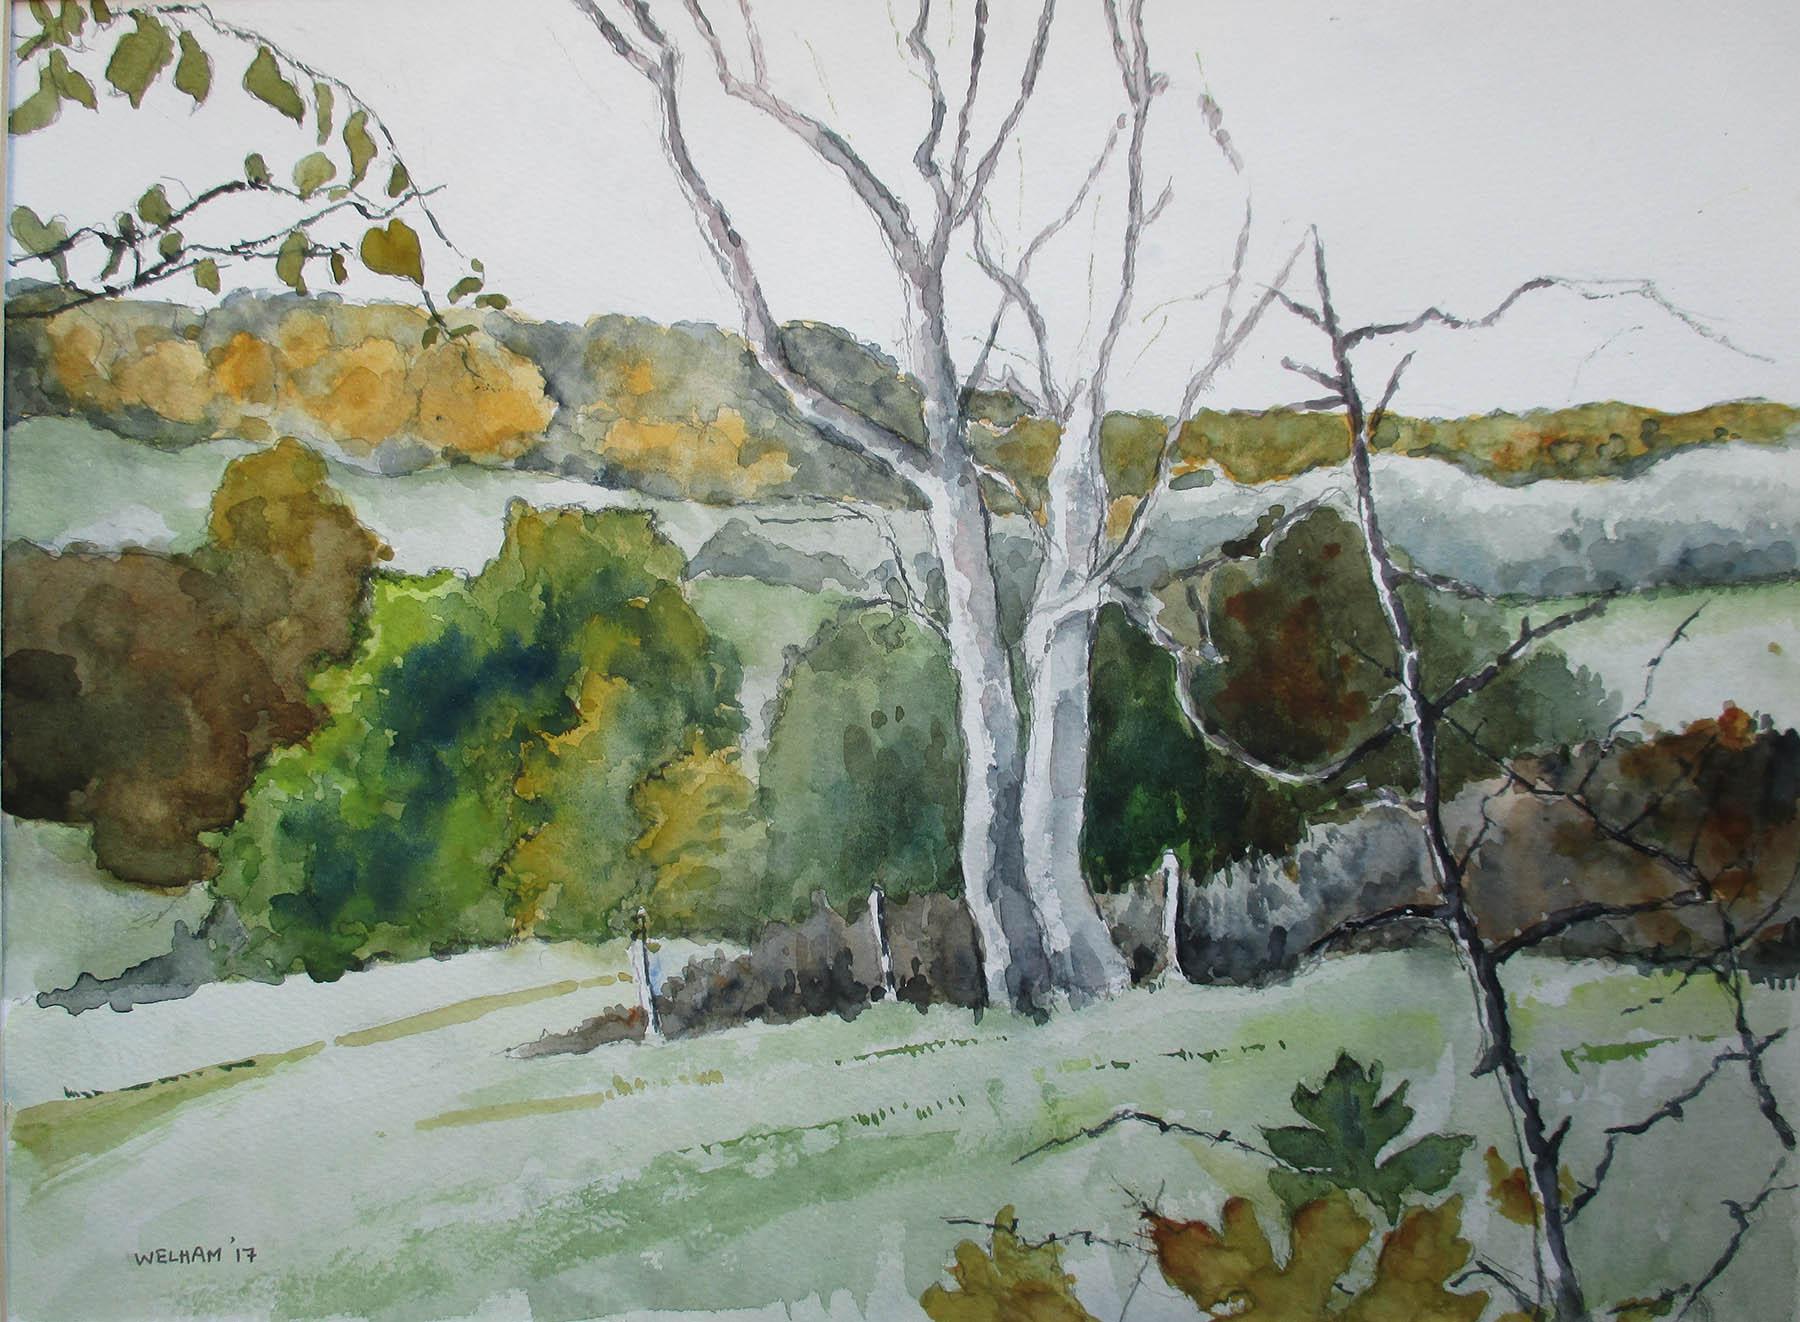 Near Hill House Wood, Autumn , Watercolour, 40 x 30 cm